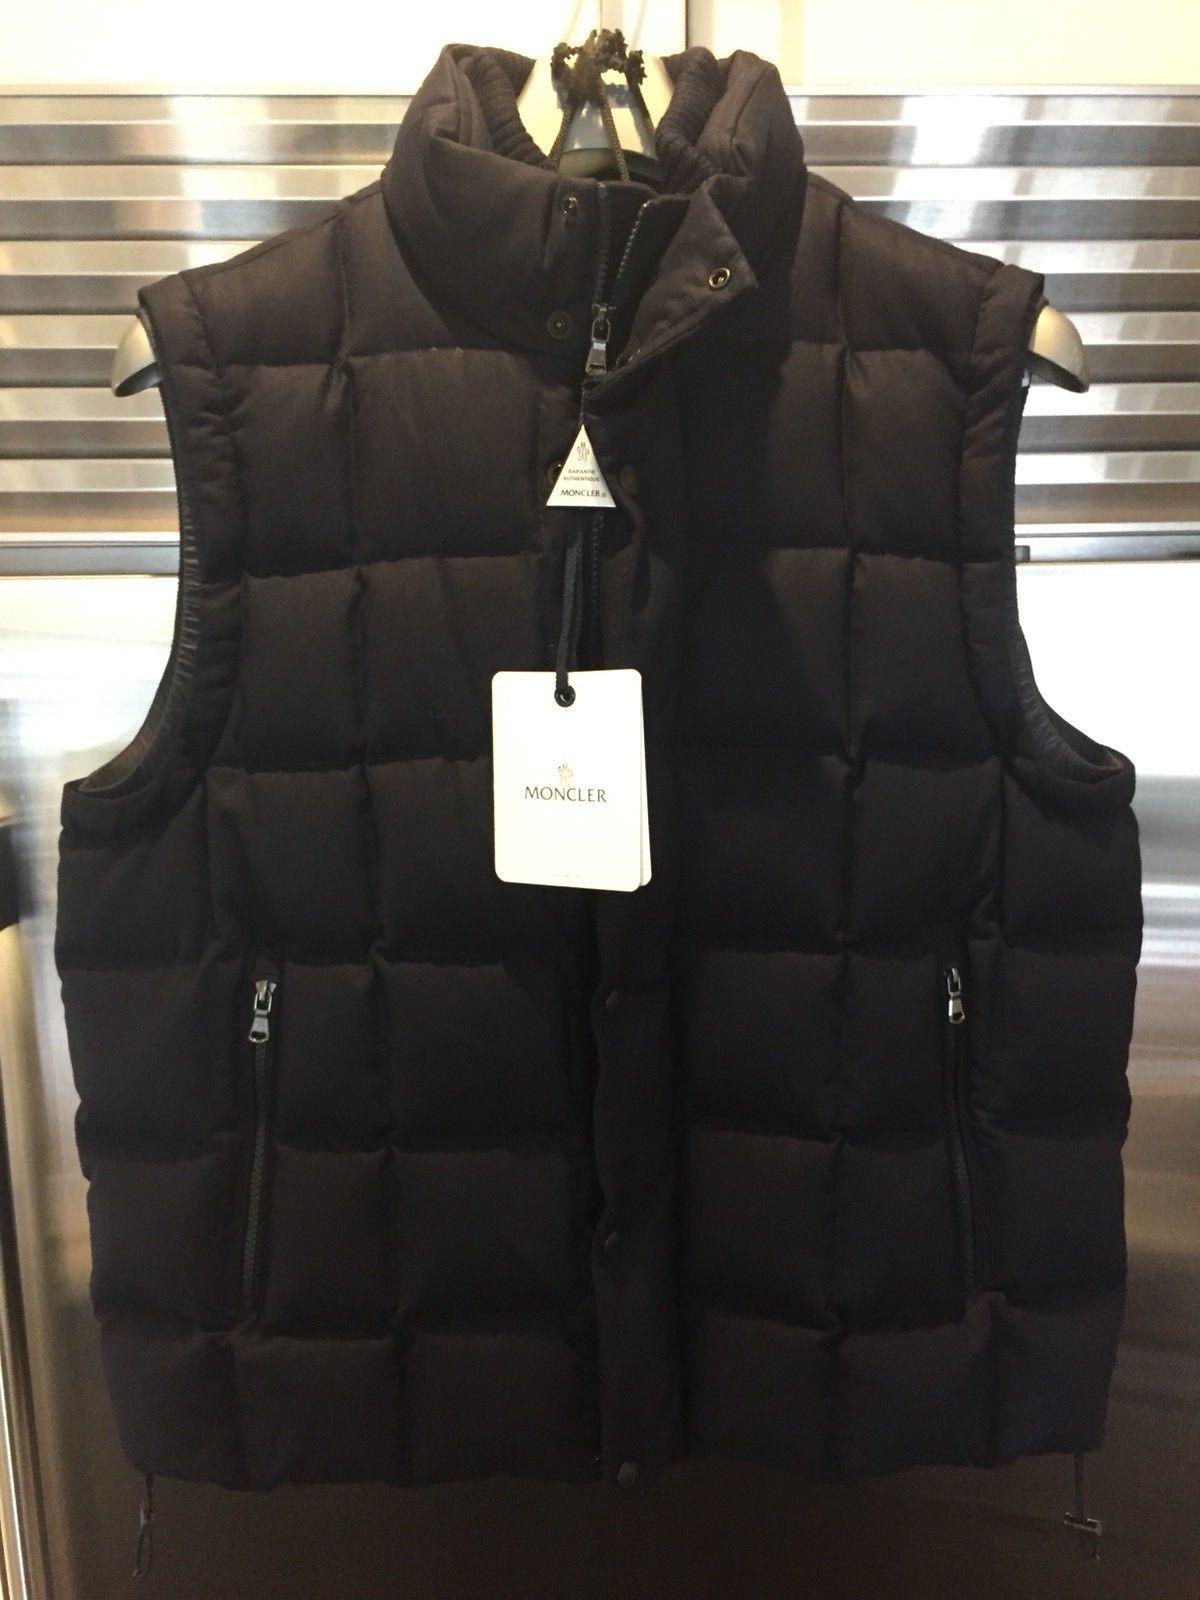 Moncler hommes : 5 modèles de vestes les plus chers sur eBay !